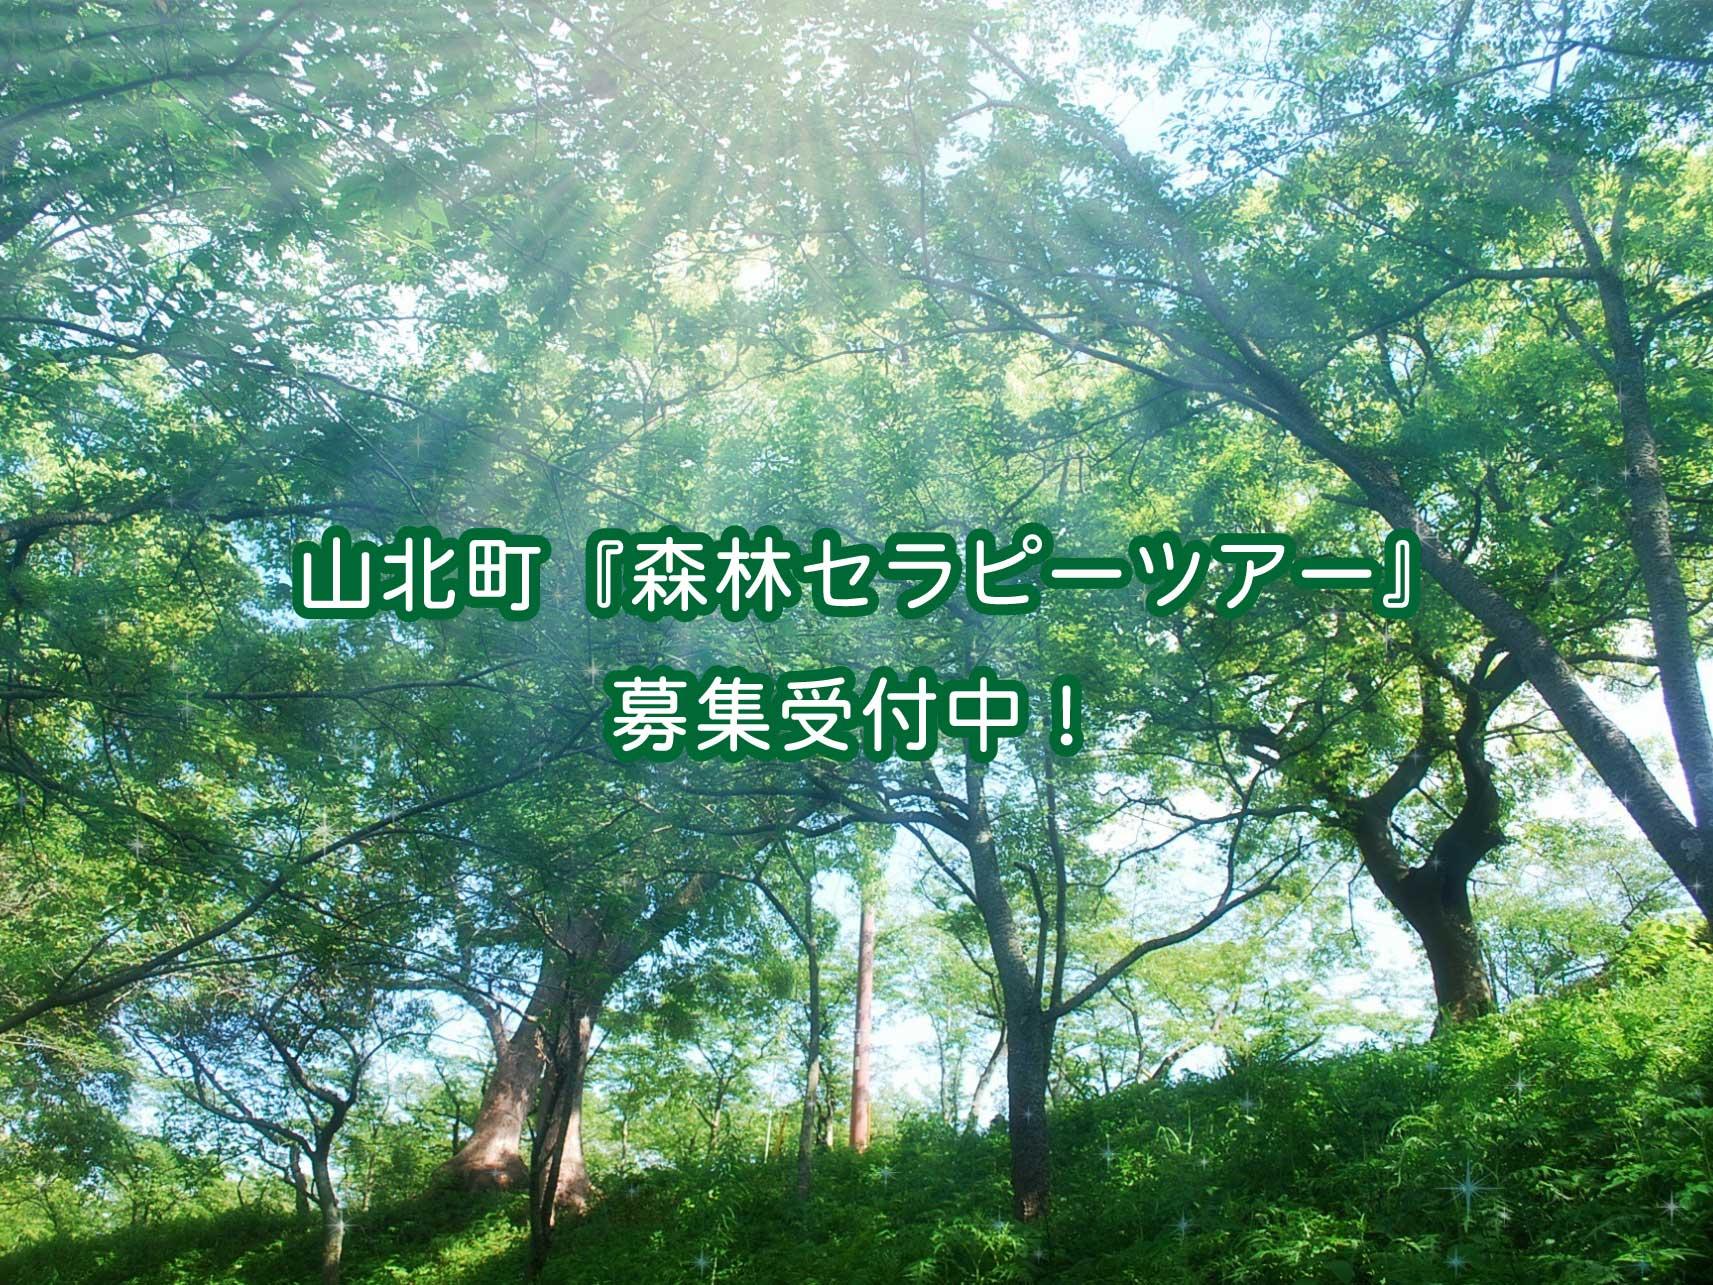 静かな森を歩いて、心をリラックスさせよう!山北町『森林セラピー体験ツアー』参加者募集中!